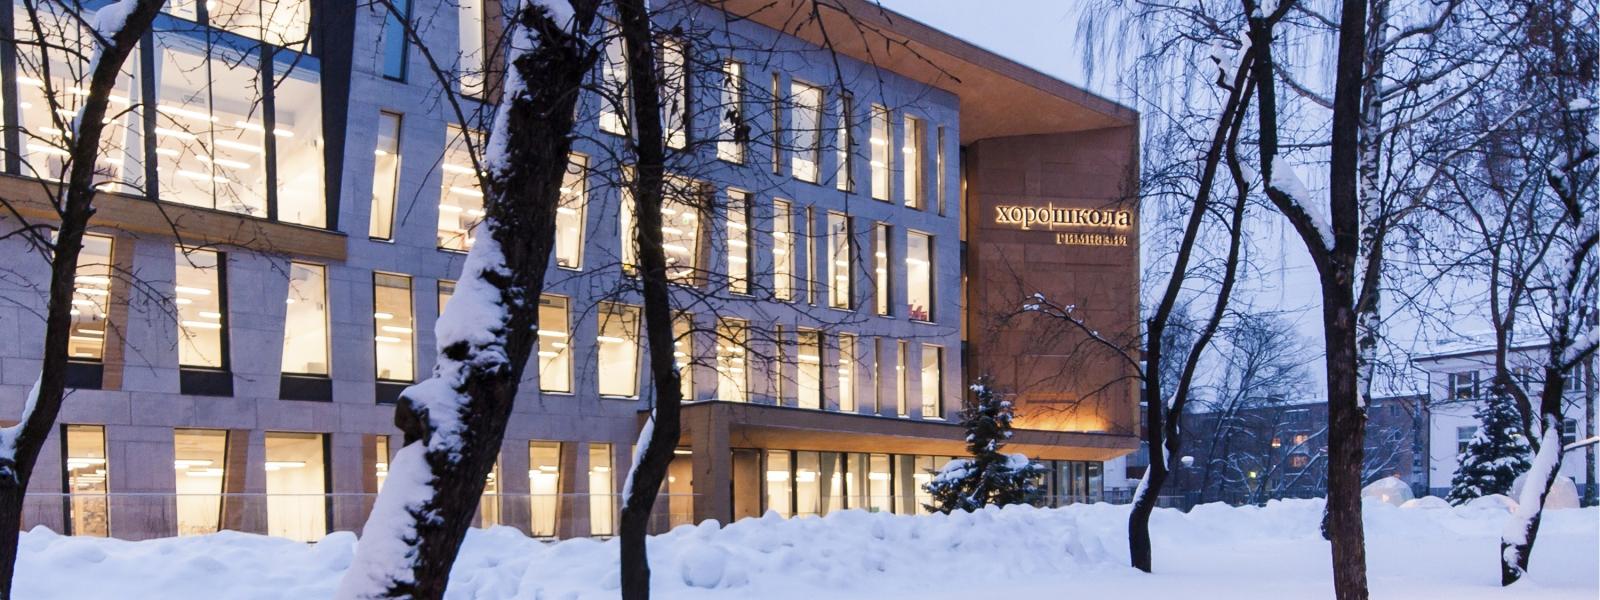 work-Хорошевская гимназия, Москва, ул. Народного ополчения 9а